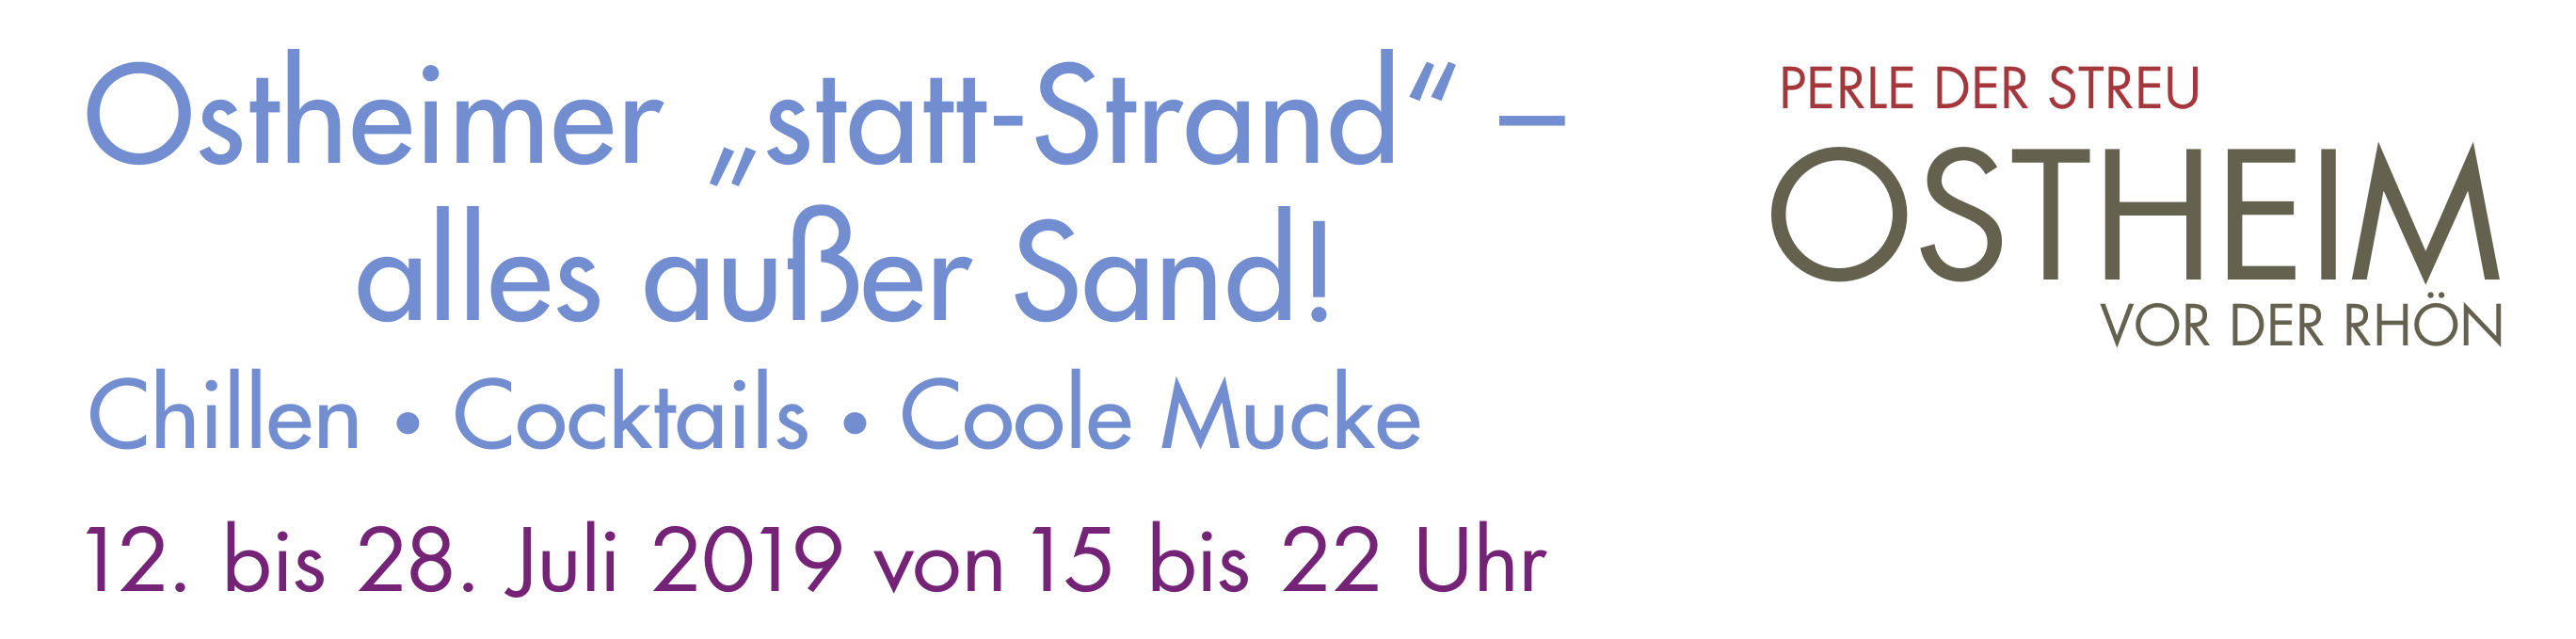 """Ostheimer """"statt-Strand"""" – alles außer Sand! Image 1"""